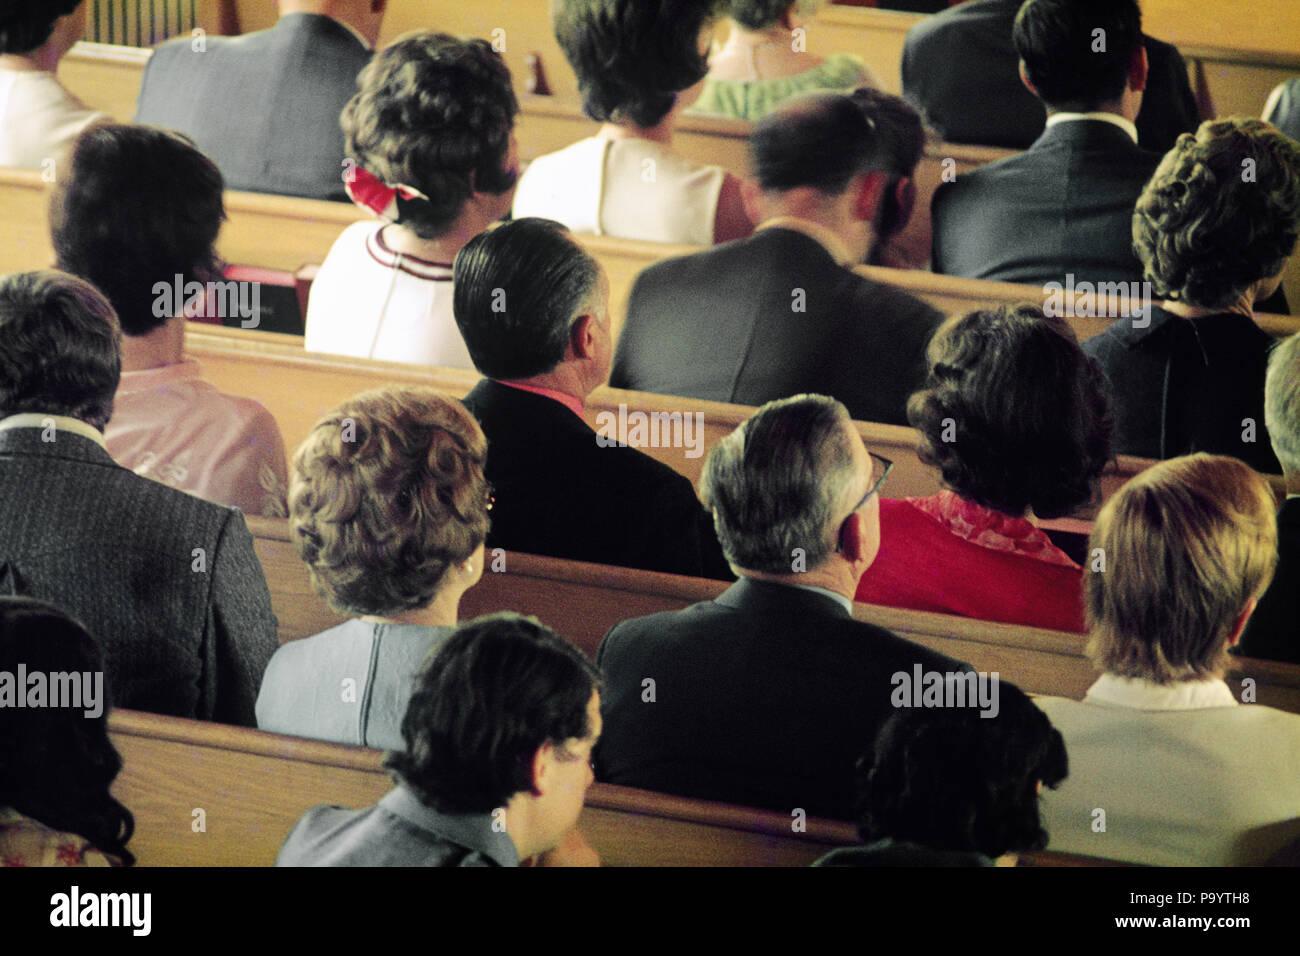 1980 ERWACHSENE MÄNNER UND FRAUEN Menschen sitzen in den KIRCHENBÄNKEN-kc 6573 JAC002 HARS PERSONEN INSPIRATION sitzen Männer christliche Spiritualität FREIHEIT GEMEINDE GLÜCK KOPF UND SCHULTERN HOHEN WINKEL RELIGIÖSE KRAFT UND AUFMERKSAMKEIT WAHL CHRISTENTUM LEISTUNGSSTARKE RÜCKANSICHT IN BEHÖRDE VERBINDUNG GLÄUBIGE KIRCHENBÄNKE GLÄUBIGEN RÜCKANSICHT PEW REARVIEW ZWEISAMKEIT AUFMERKSAM KAUKASISCHEN ETHNIE ALTMODISCHE PROTESTANTISCHEN Stockbild